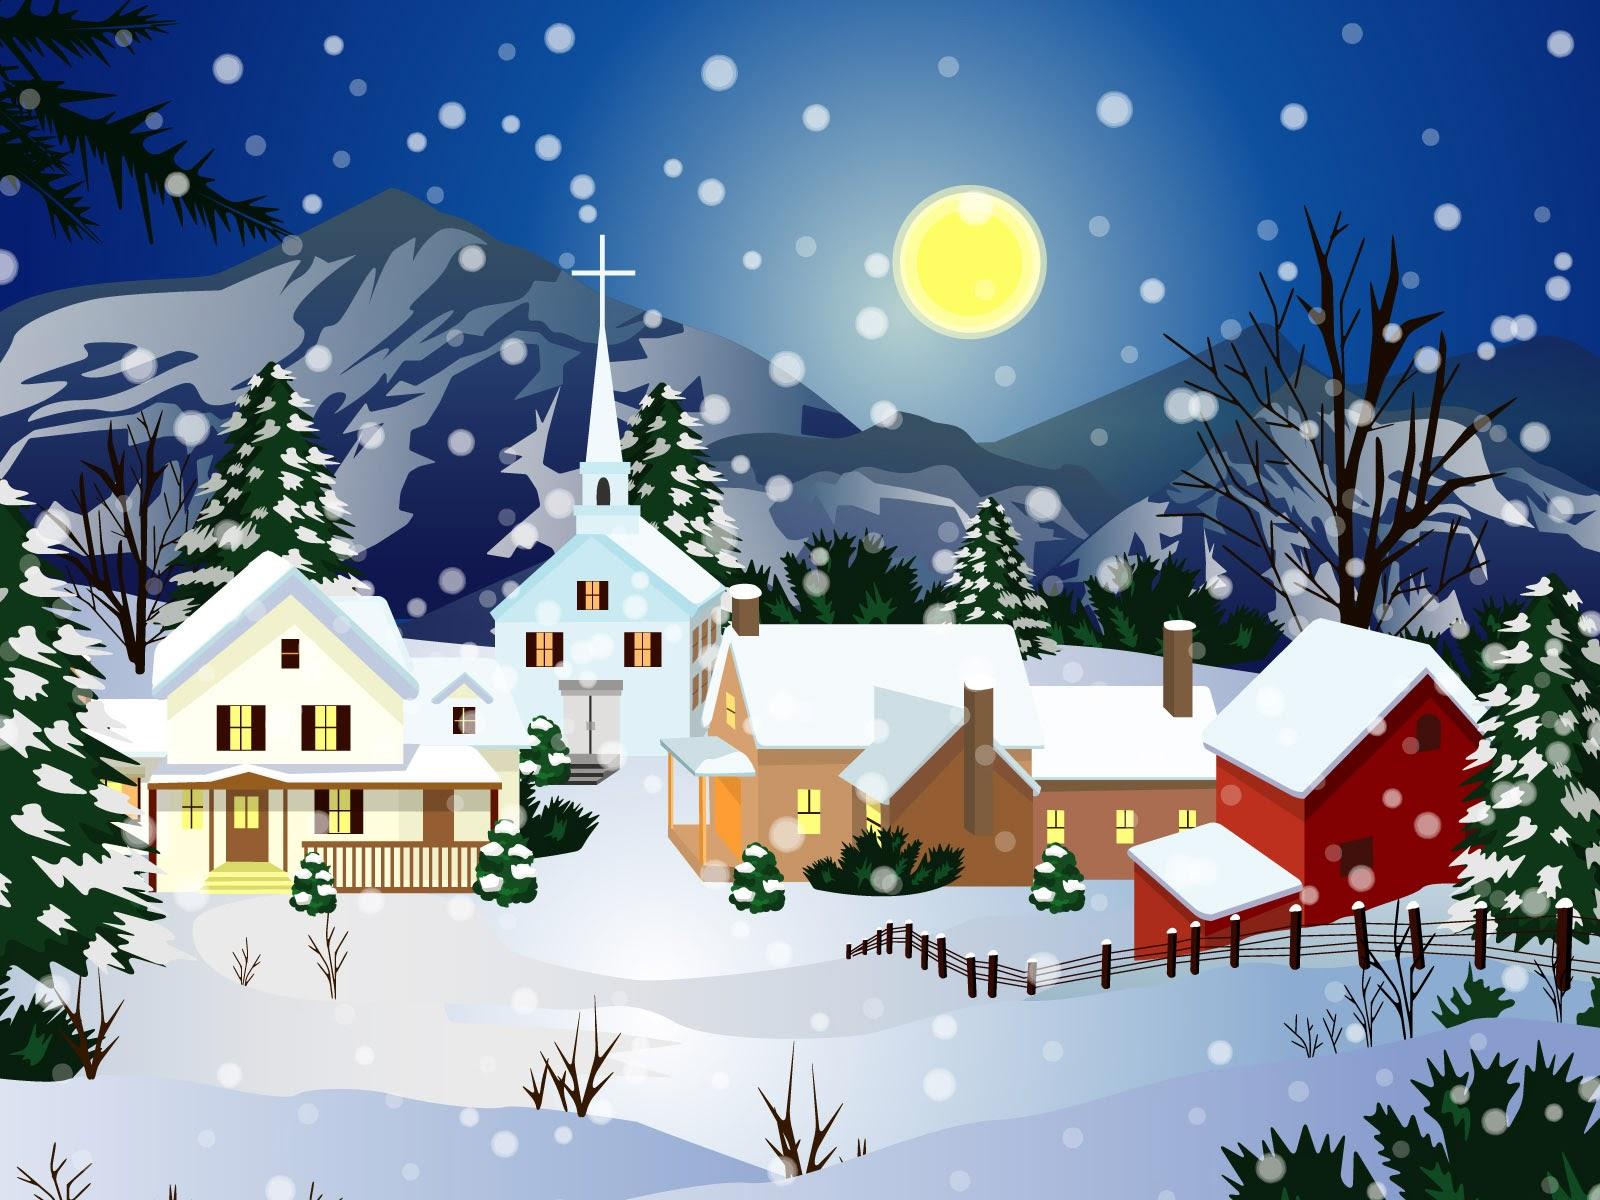 Revolution Wallpaper: Christmas Wallpaper